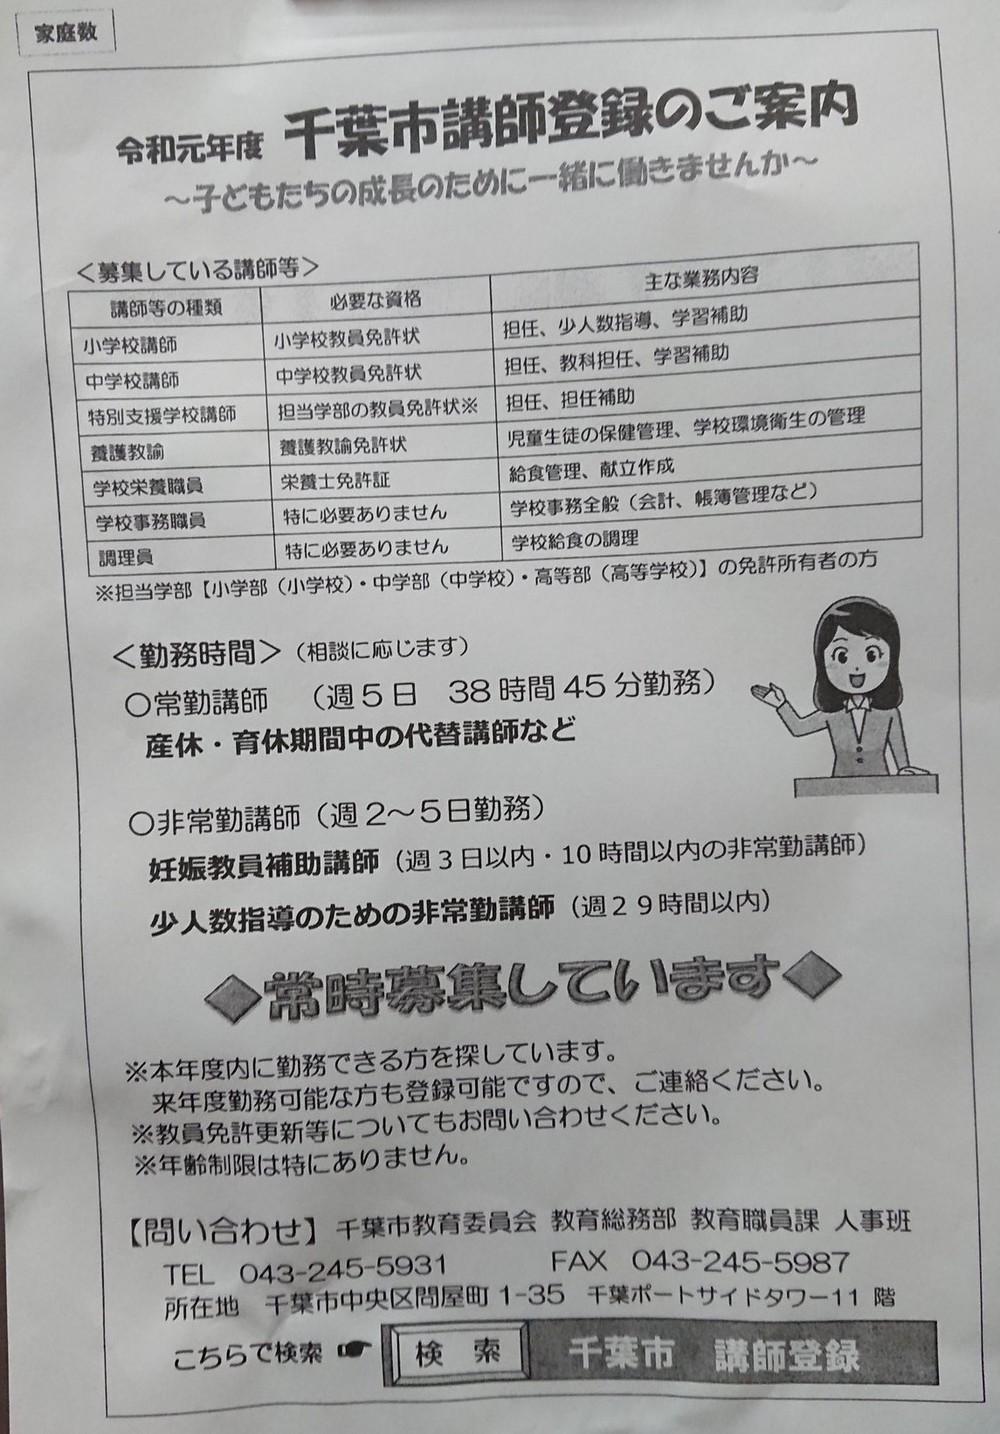 横浜 市 教員 異動